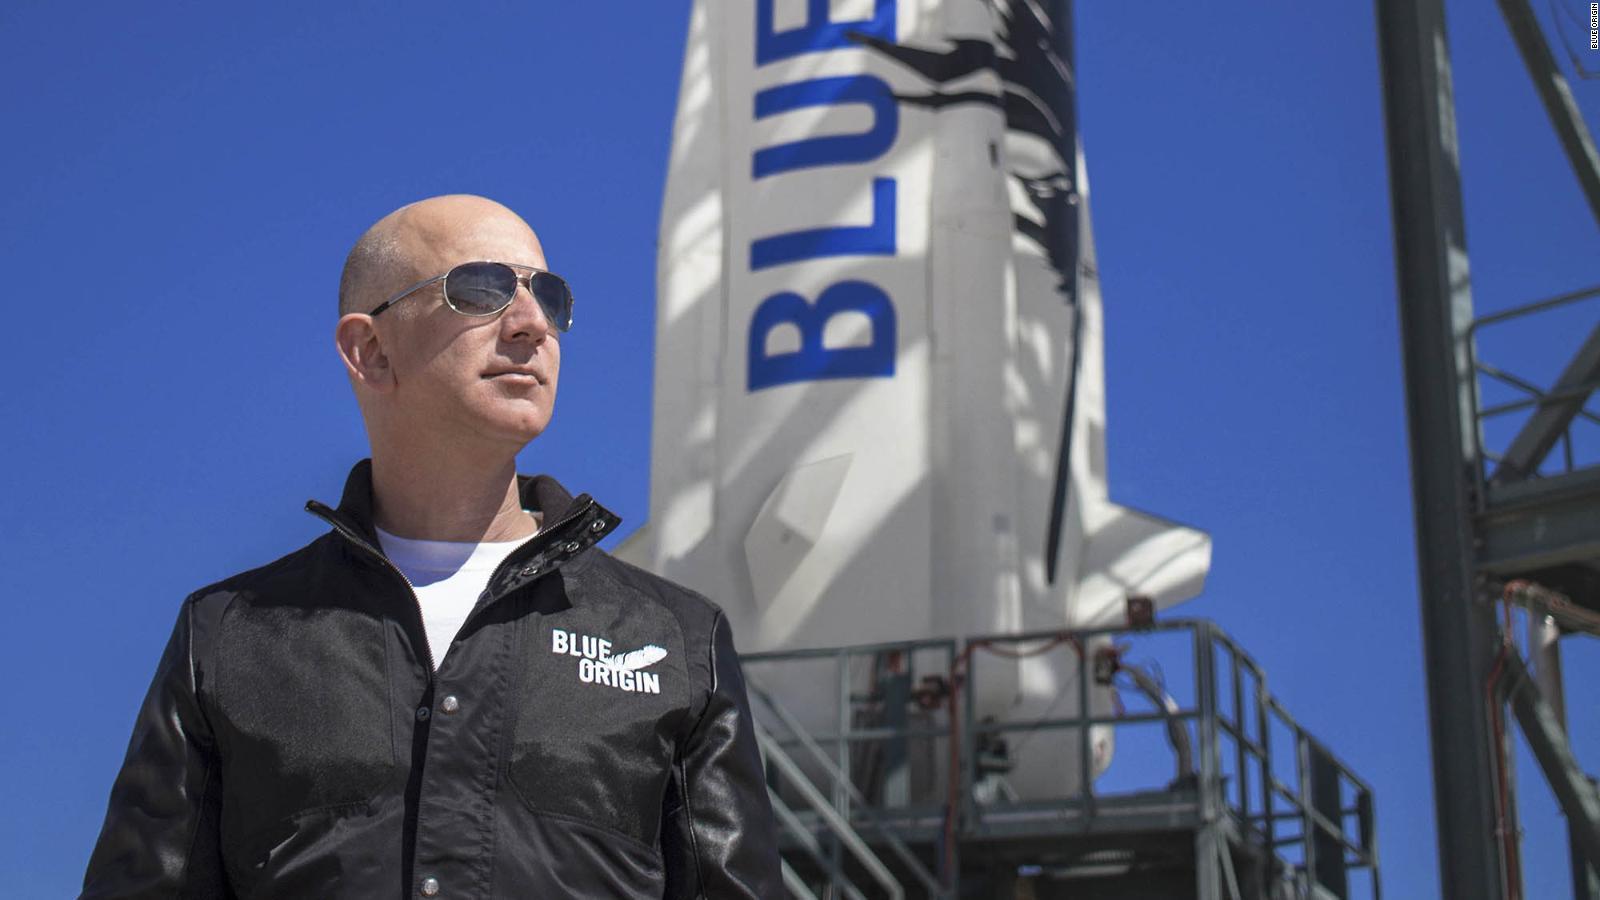 Jeff bezos posando delante del cohete de Blue origin, el new shepard